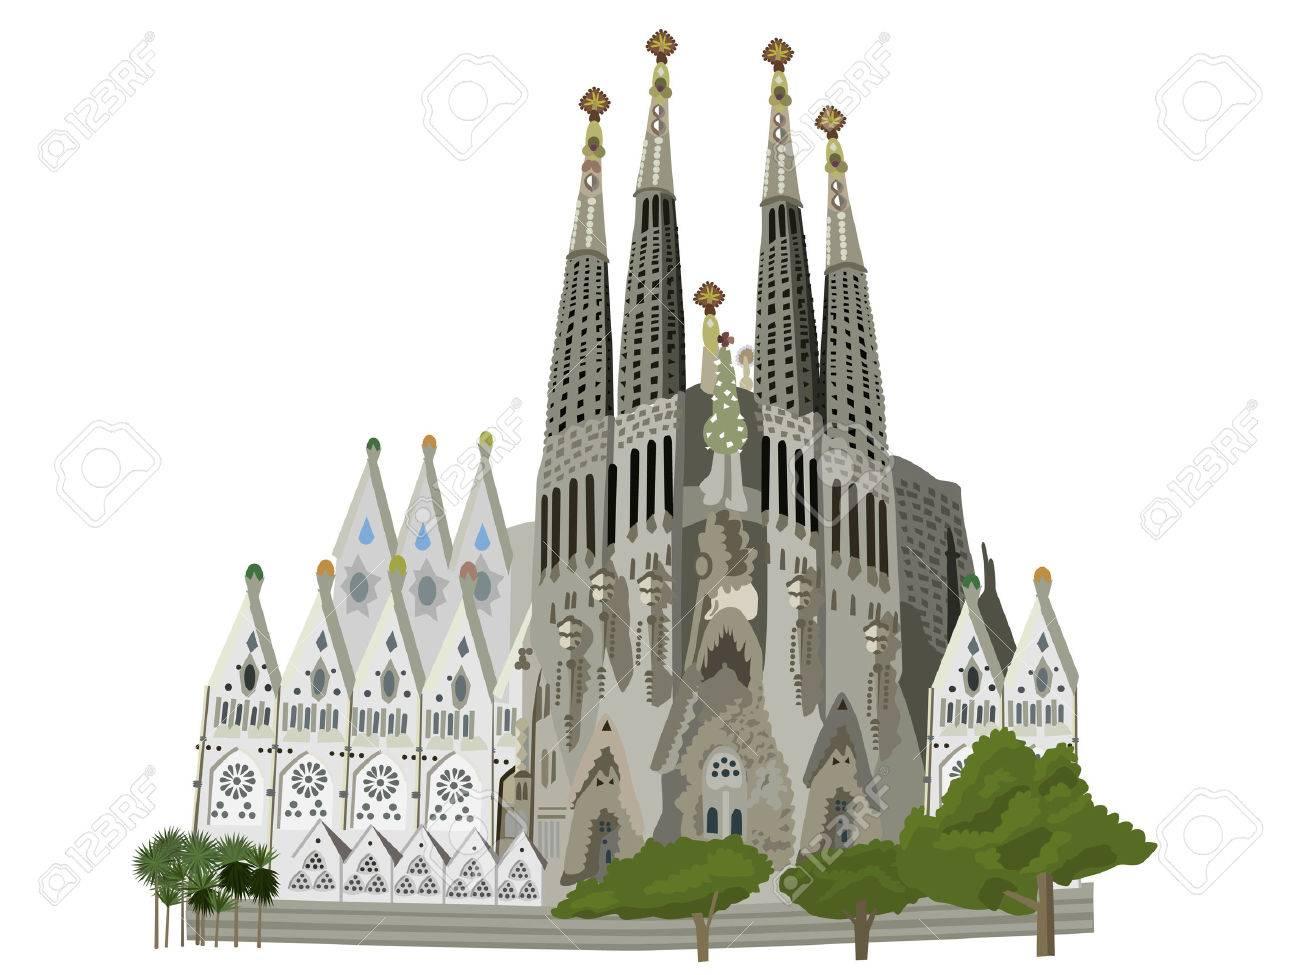 サグラダ ファミリア教会 バルセロナ ベクトル イラストのイラスト素材 ベクタ Image